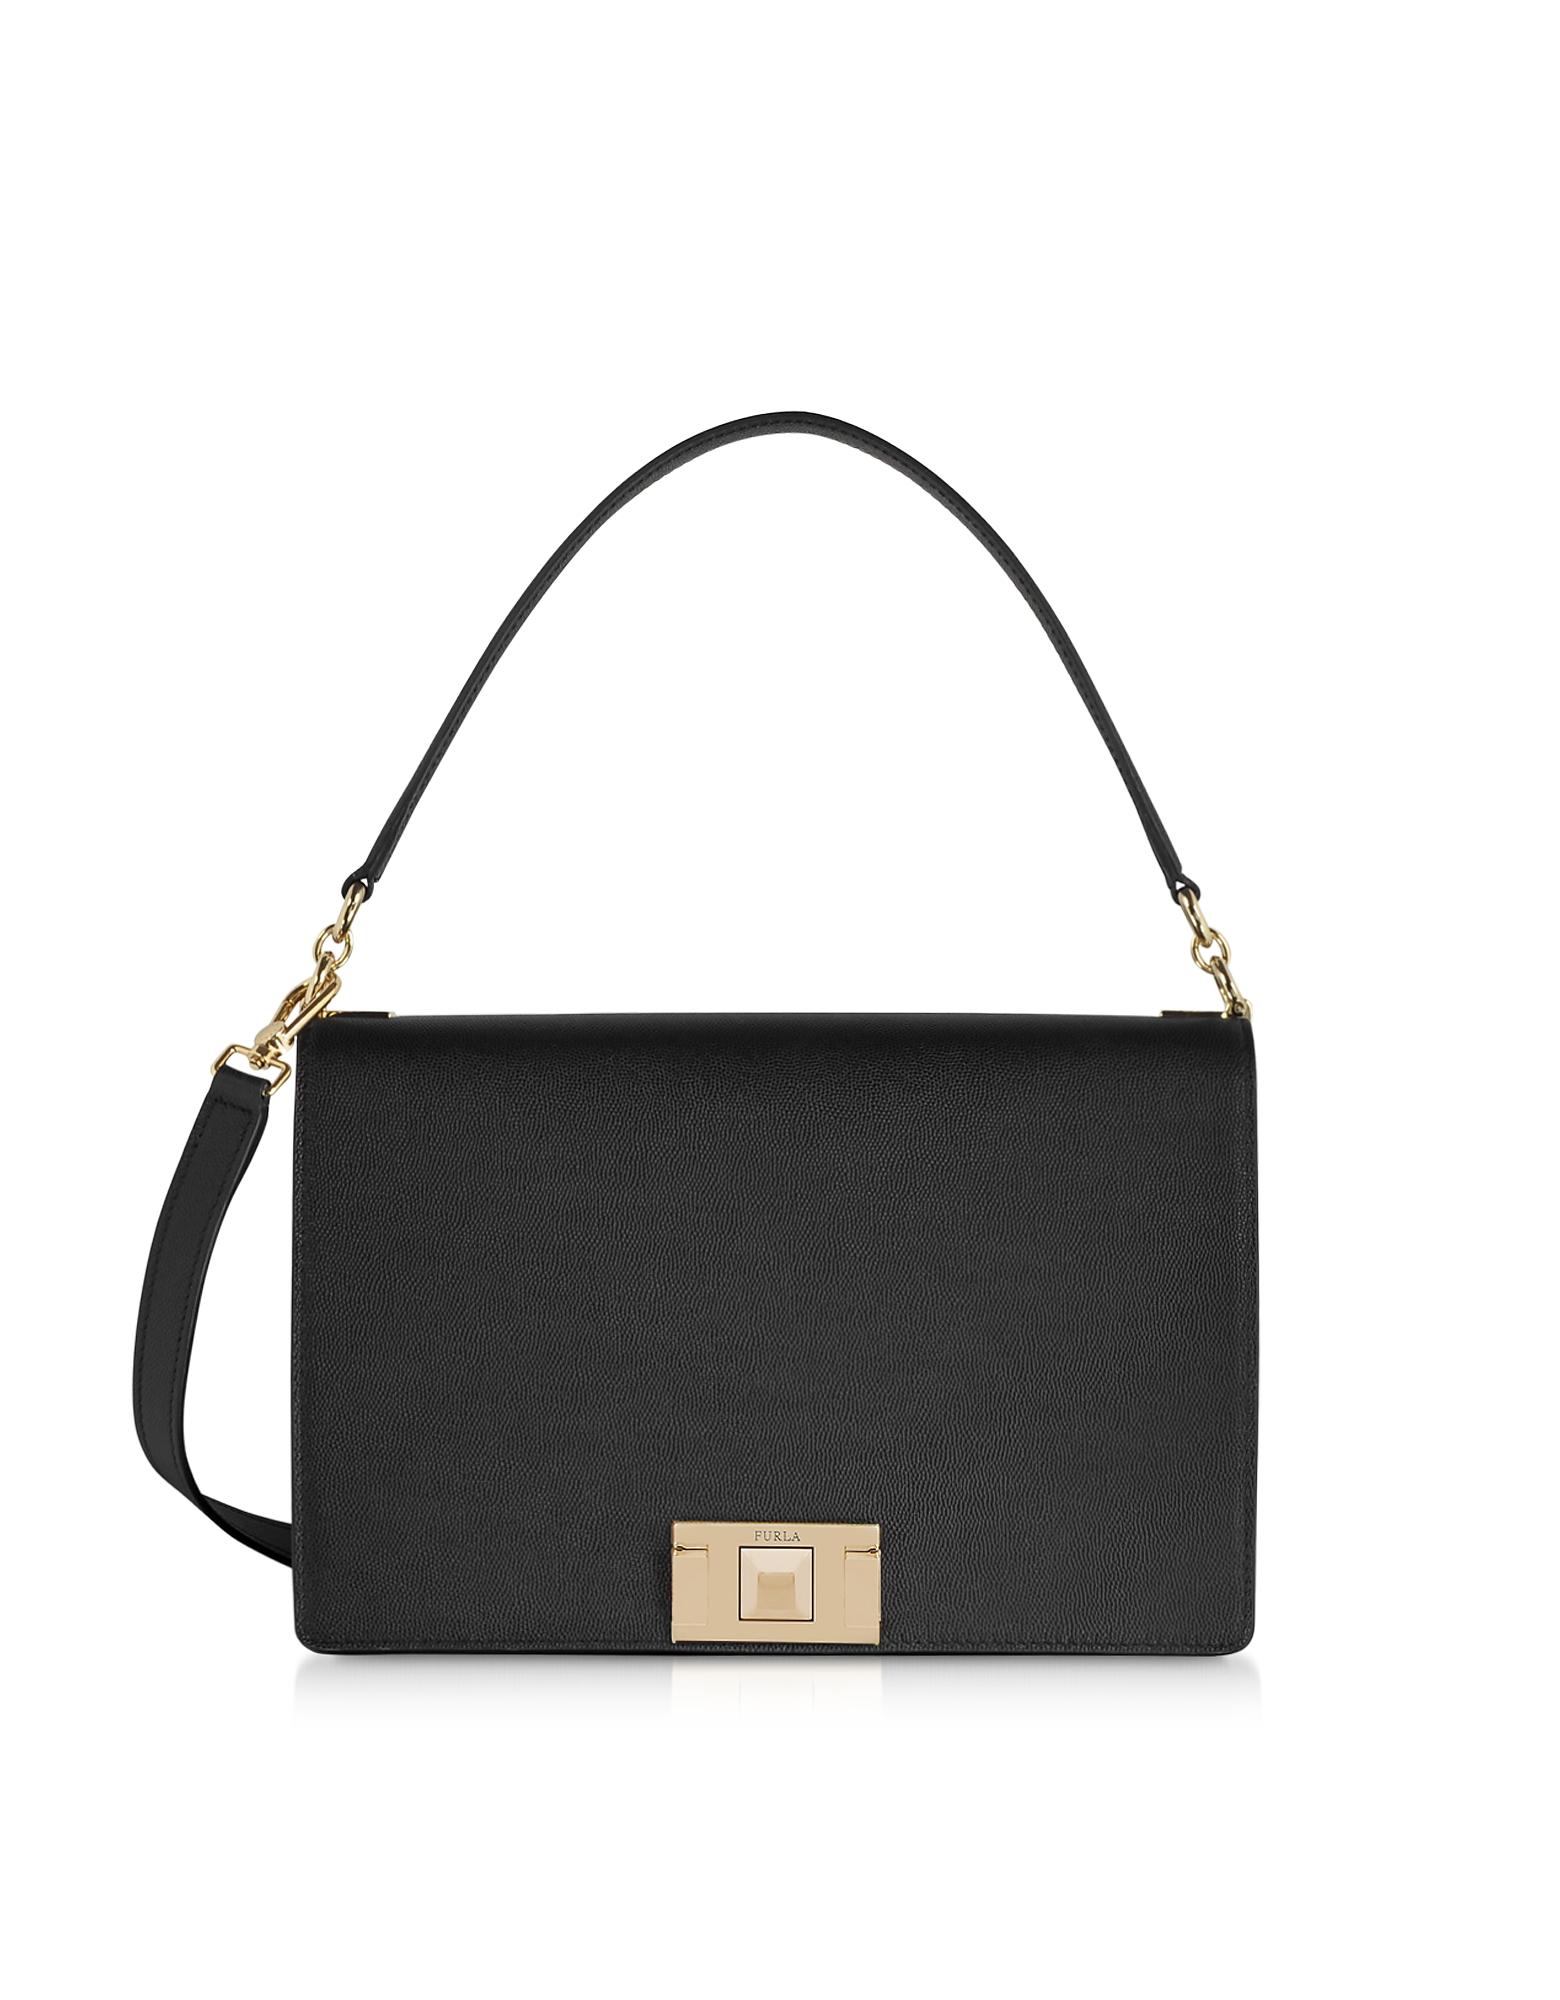 Furla Designer Handbags, Mimì M Shoulder Bag